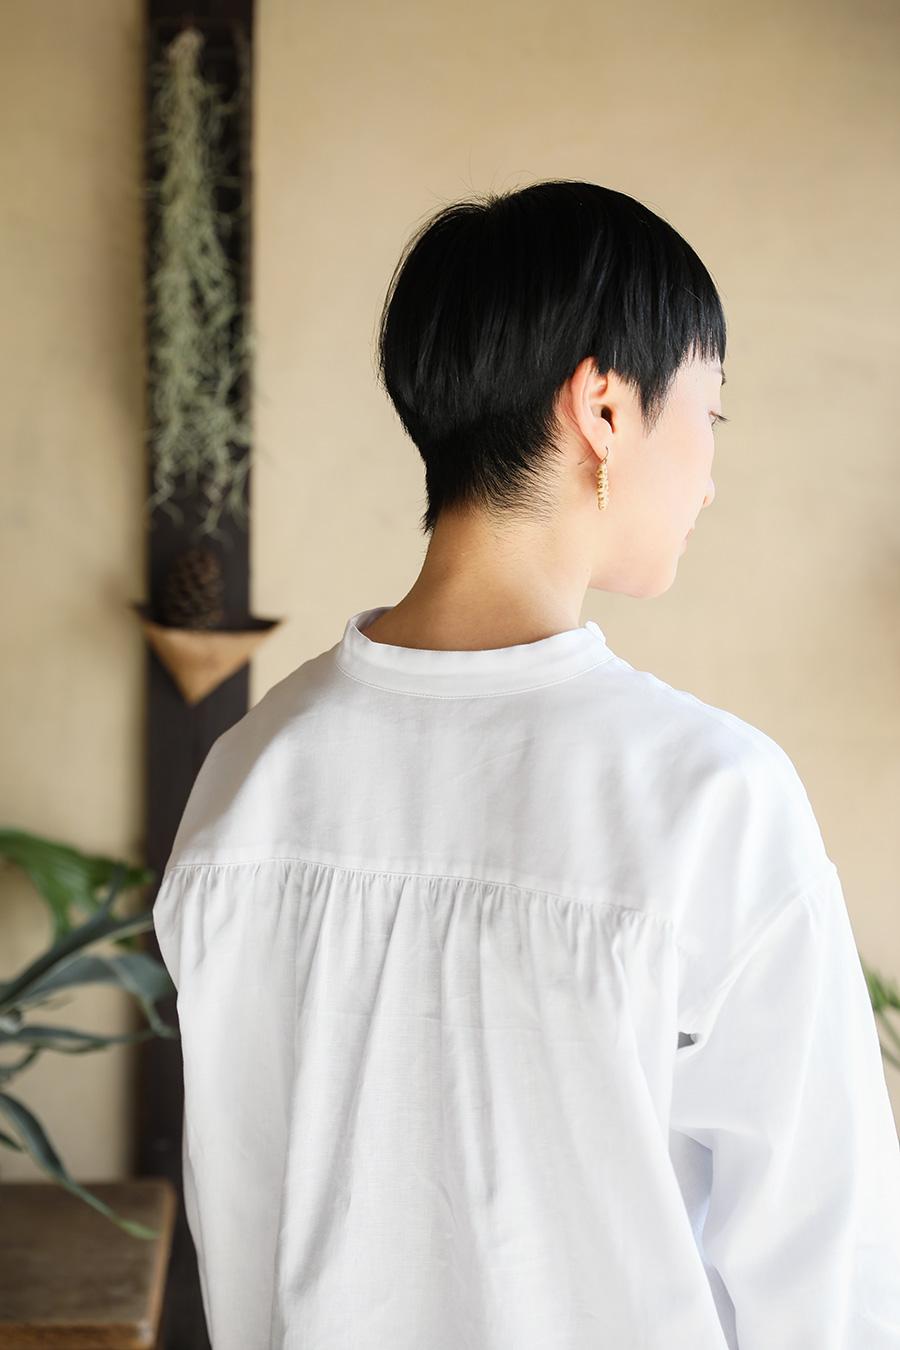 パターンファブリック:美濃羽まゆみさん考案のパターンで作る、はじめての白シャツ